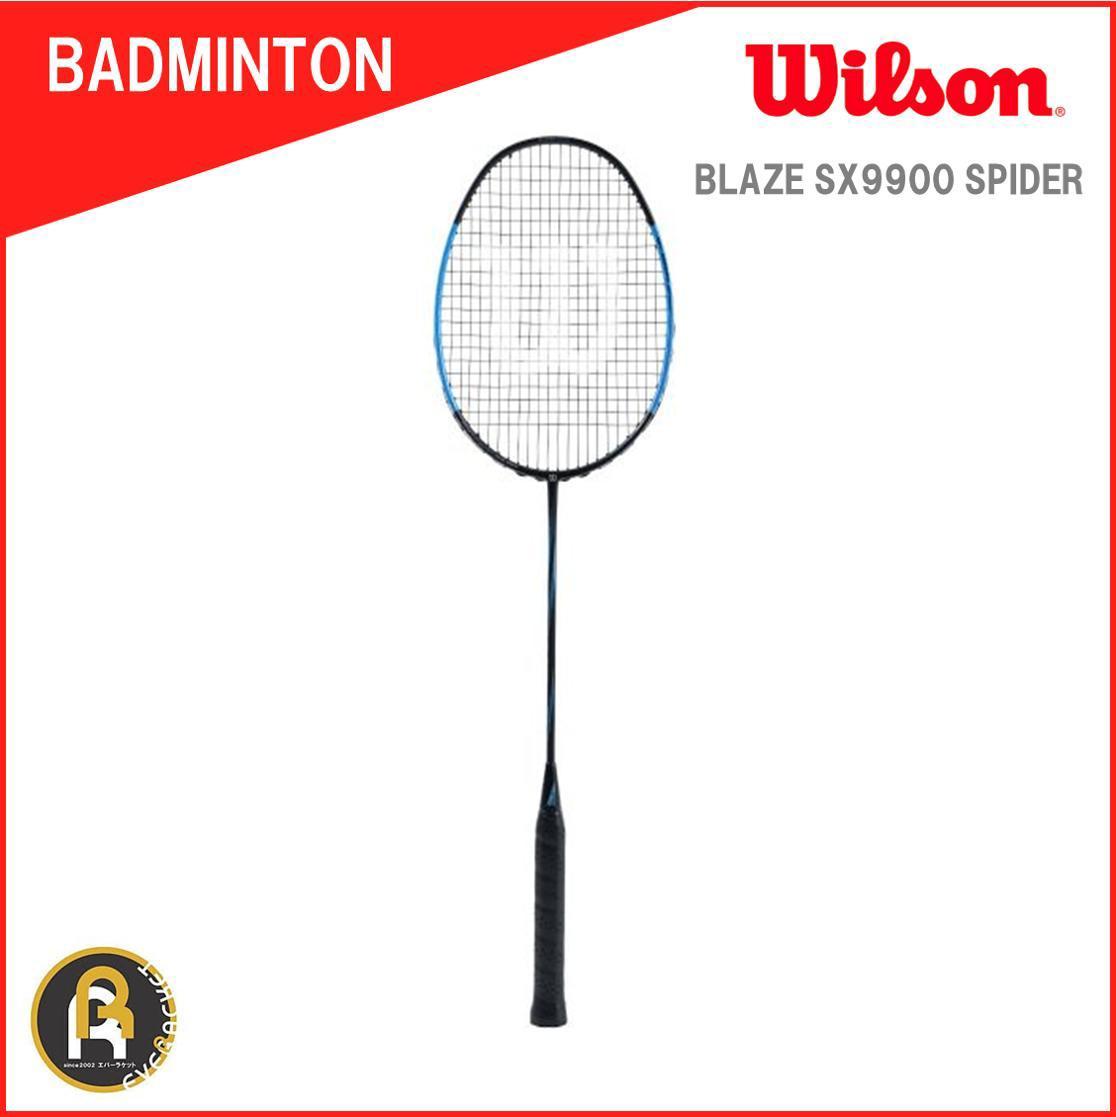 ウイルソン Wilson バドミントン ラケット バドミントンラケット ガット代 張り上げ代無料 BLAZE SX9900 SPIDER ブレイズSX9900スパイダー WRT8824202